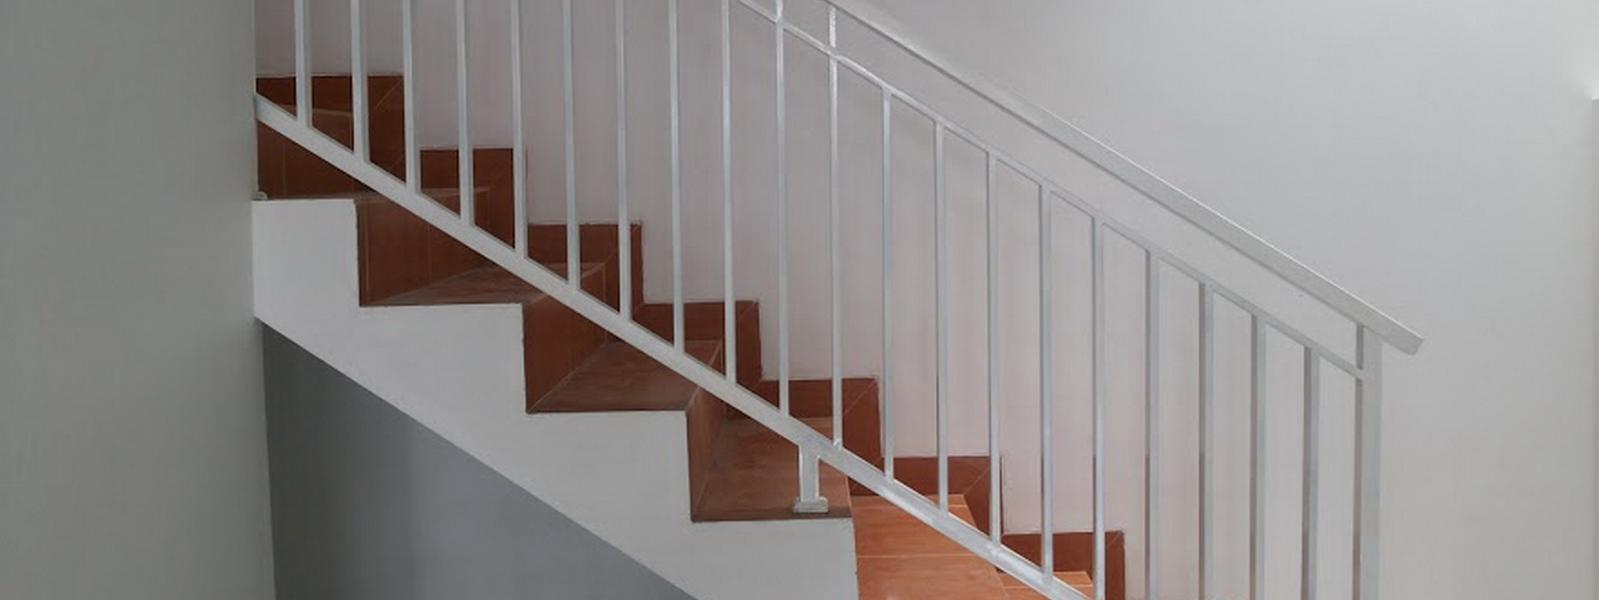 putrapajar77-railing-tangga-minimalis-murah